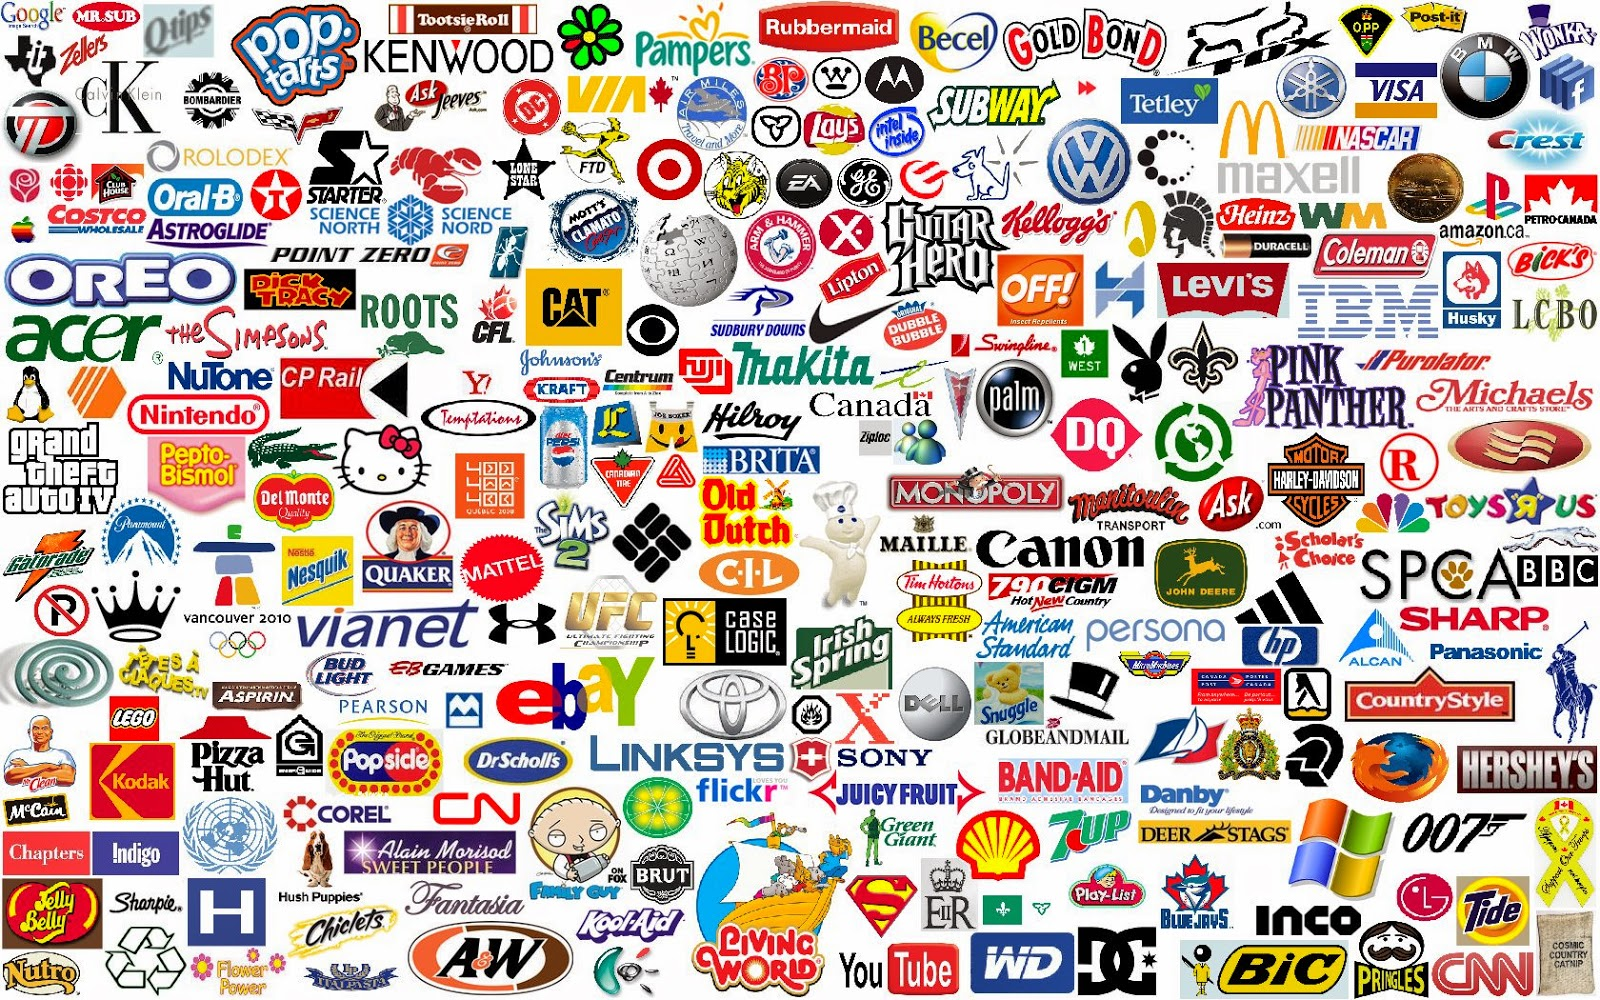 más-emblemáticos-logos-marcas-todos-tiempos-y-evolución